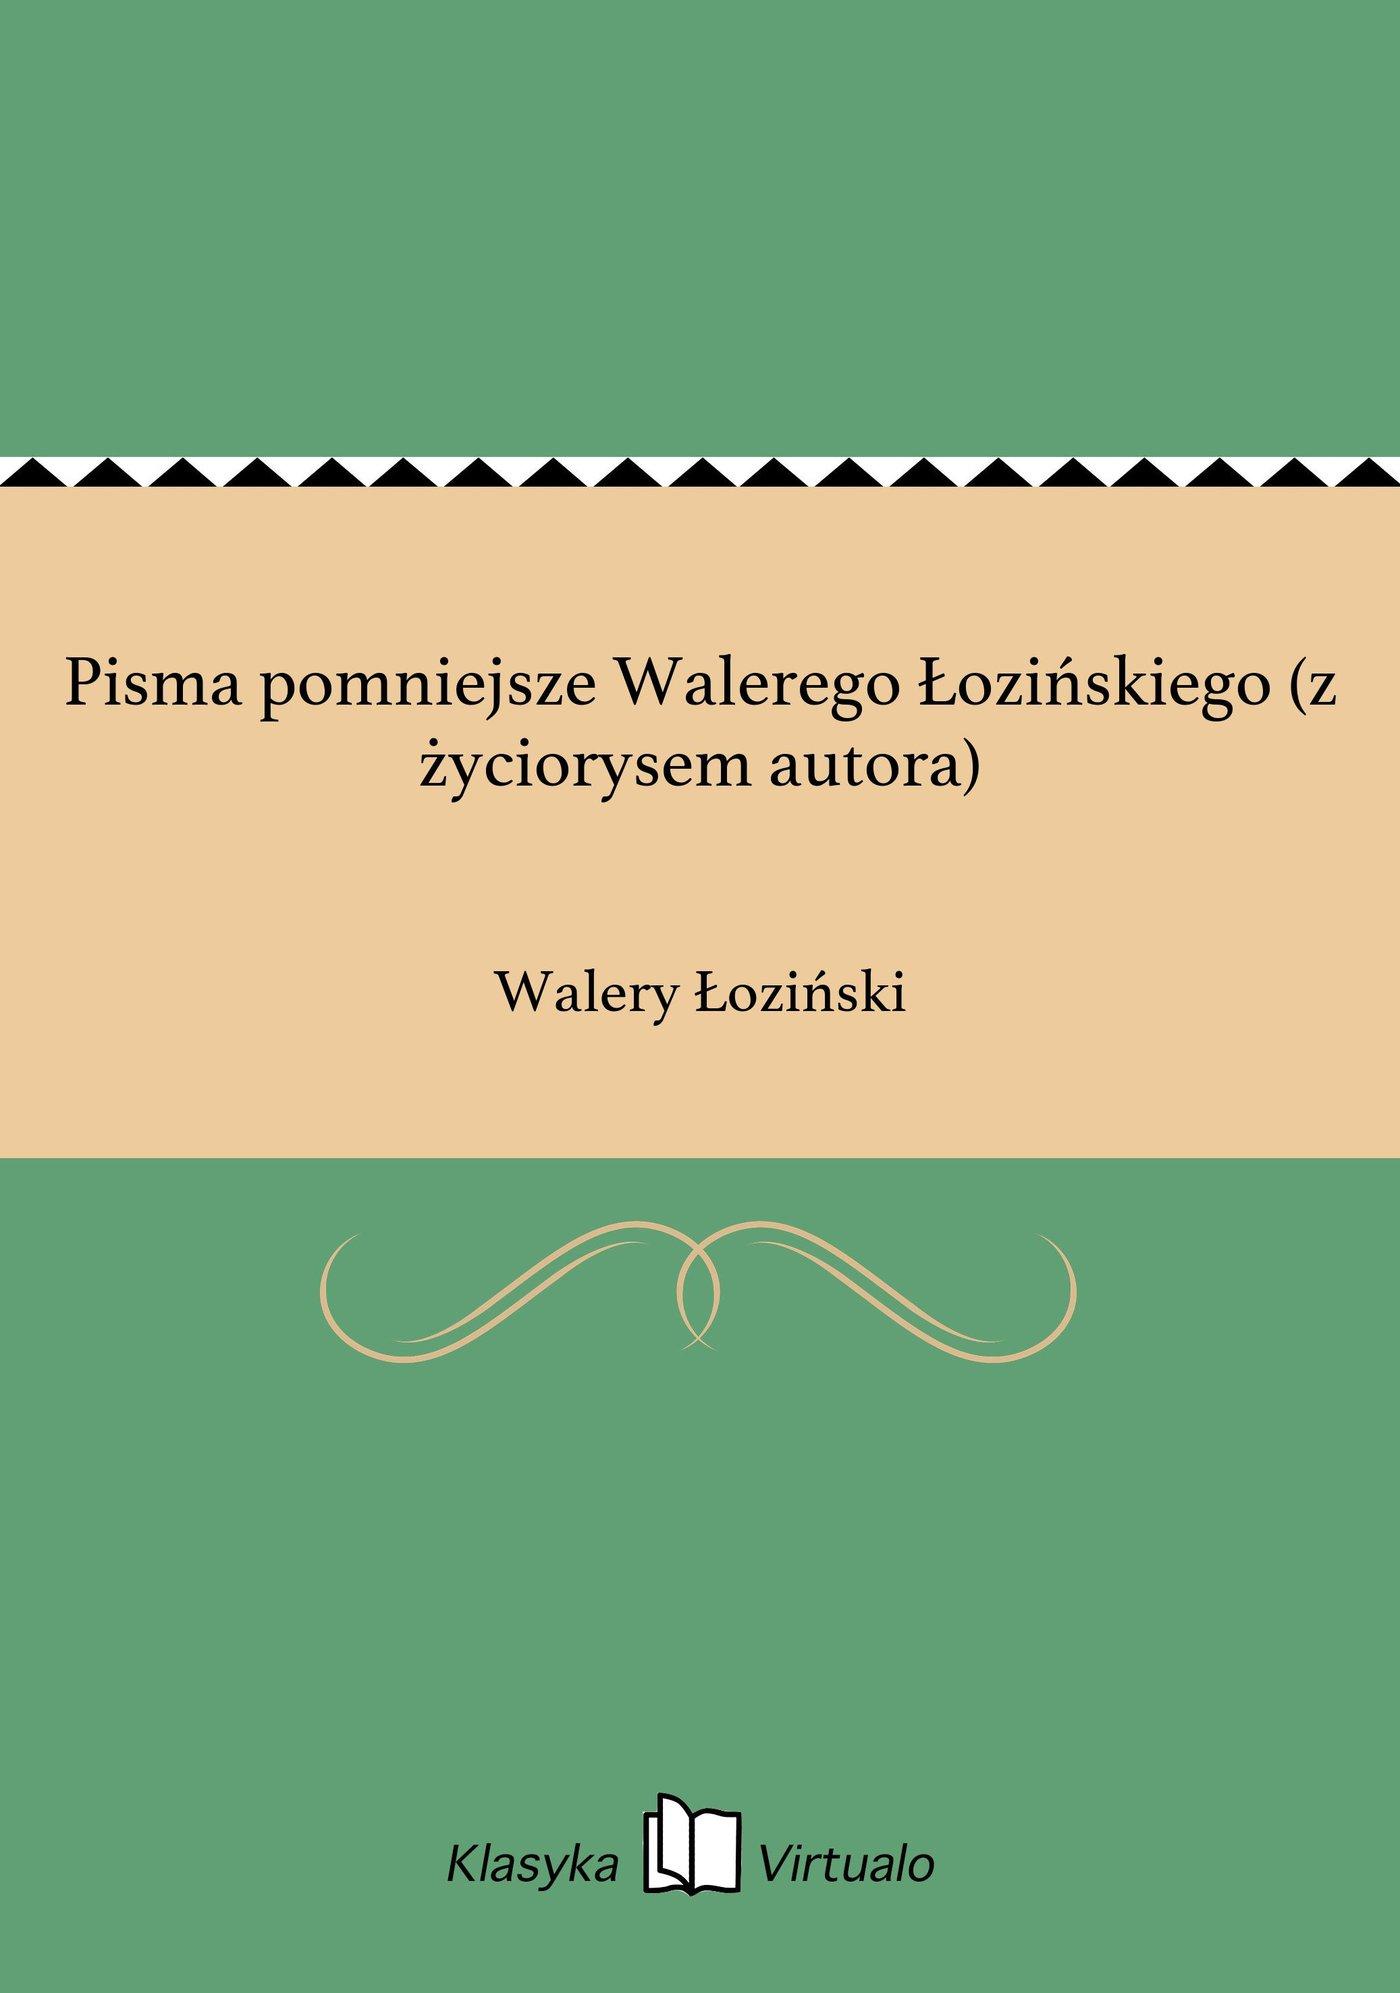 Pisma pomniejsze Walerego Łozińskiego (z życiorysem autora) - Ebook (Książka EPUB) do pobrania w formacie EPUB